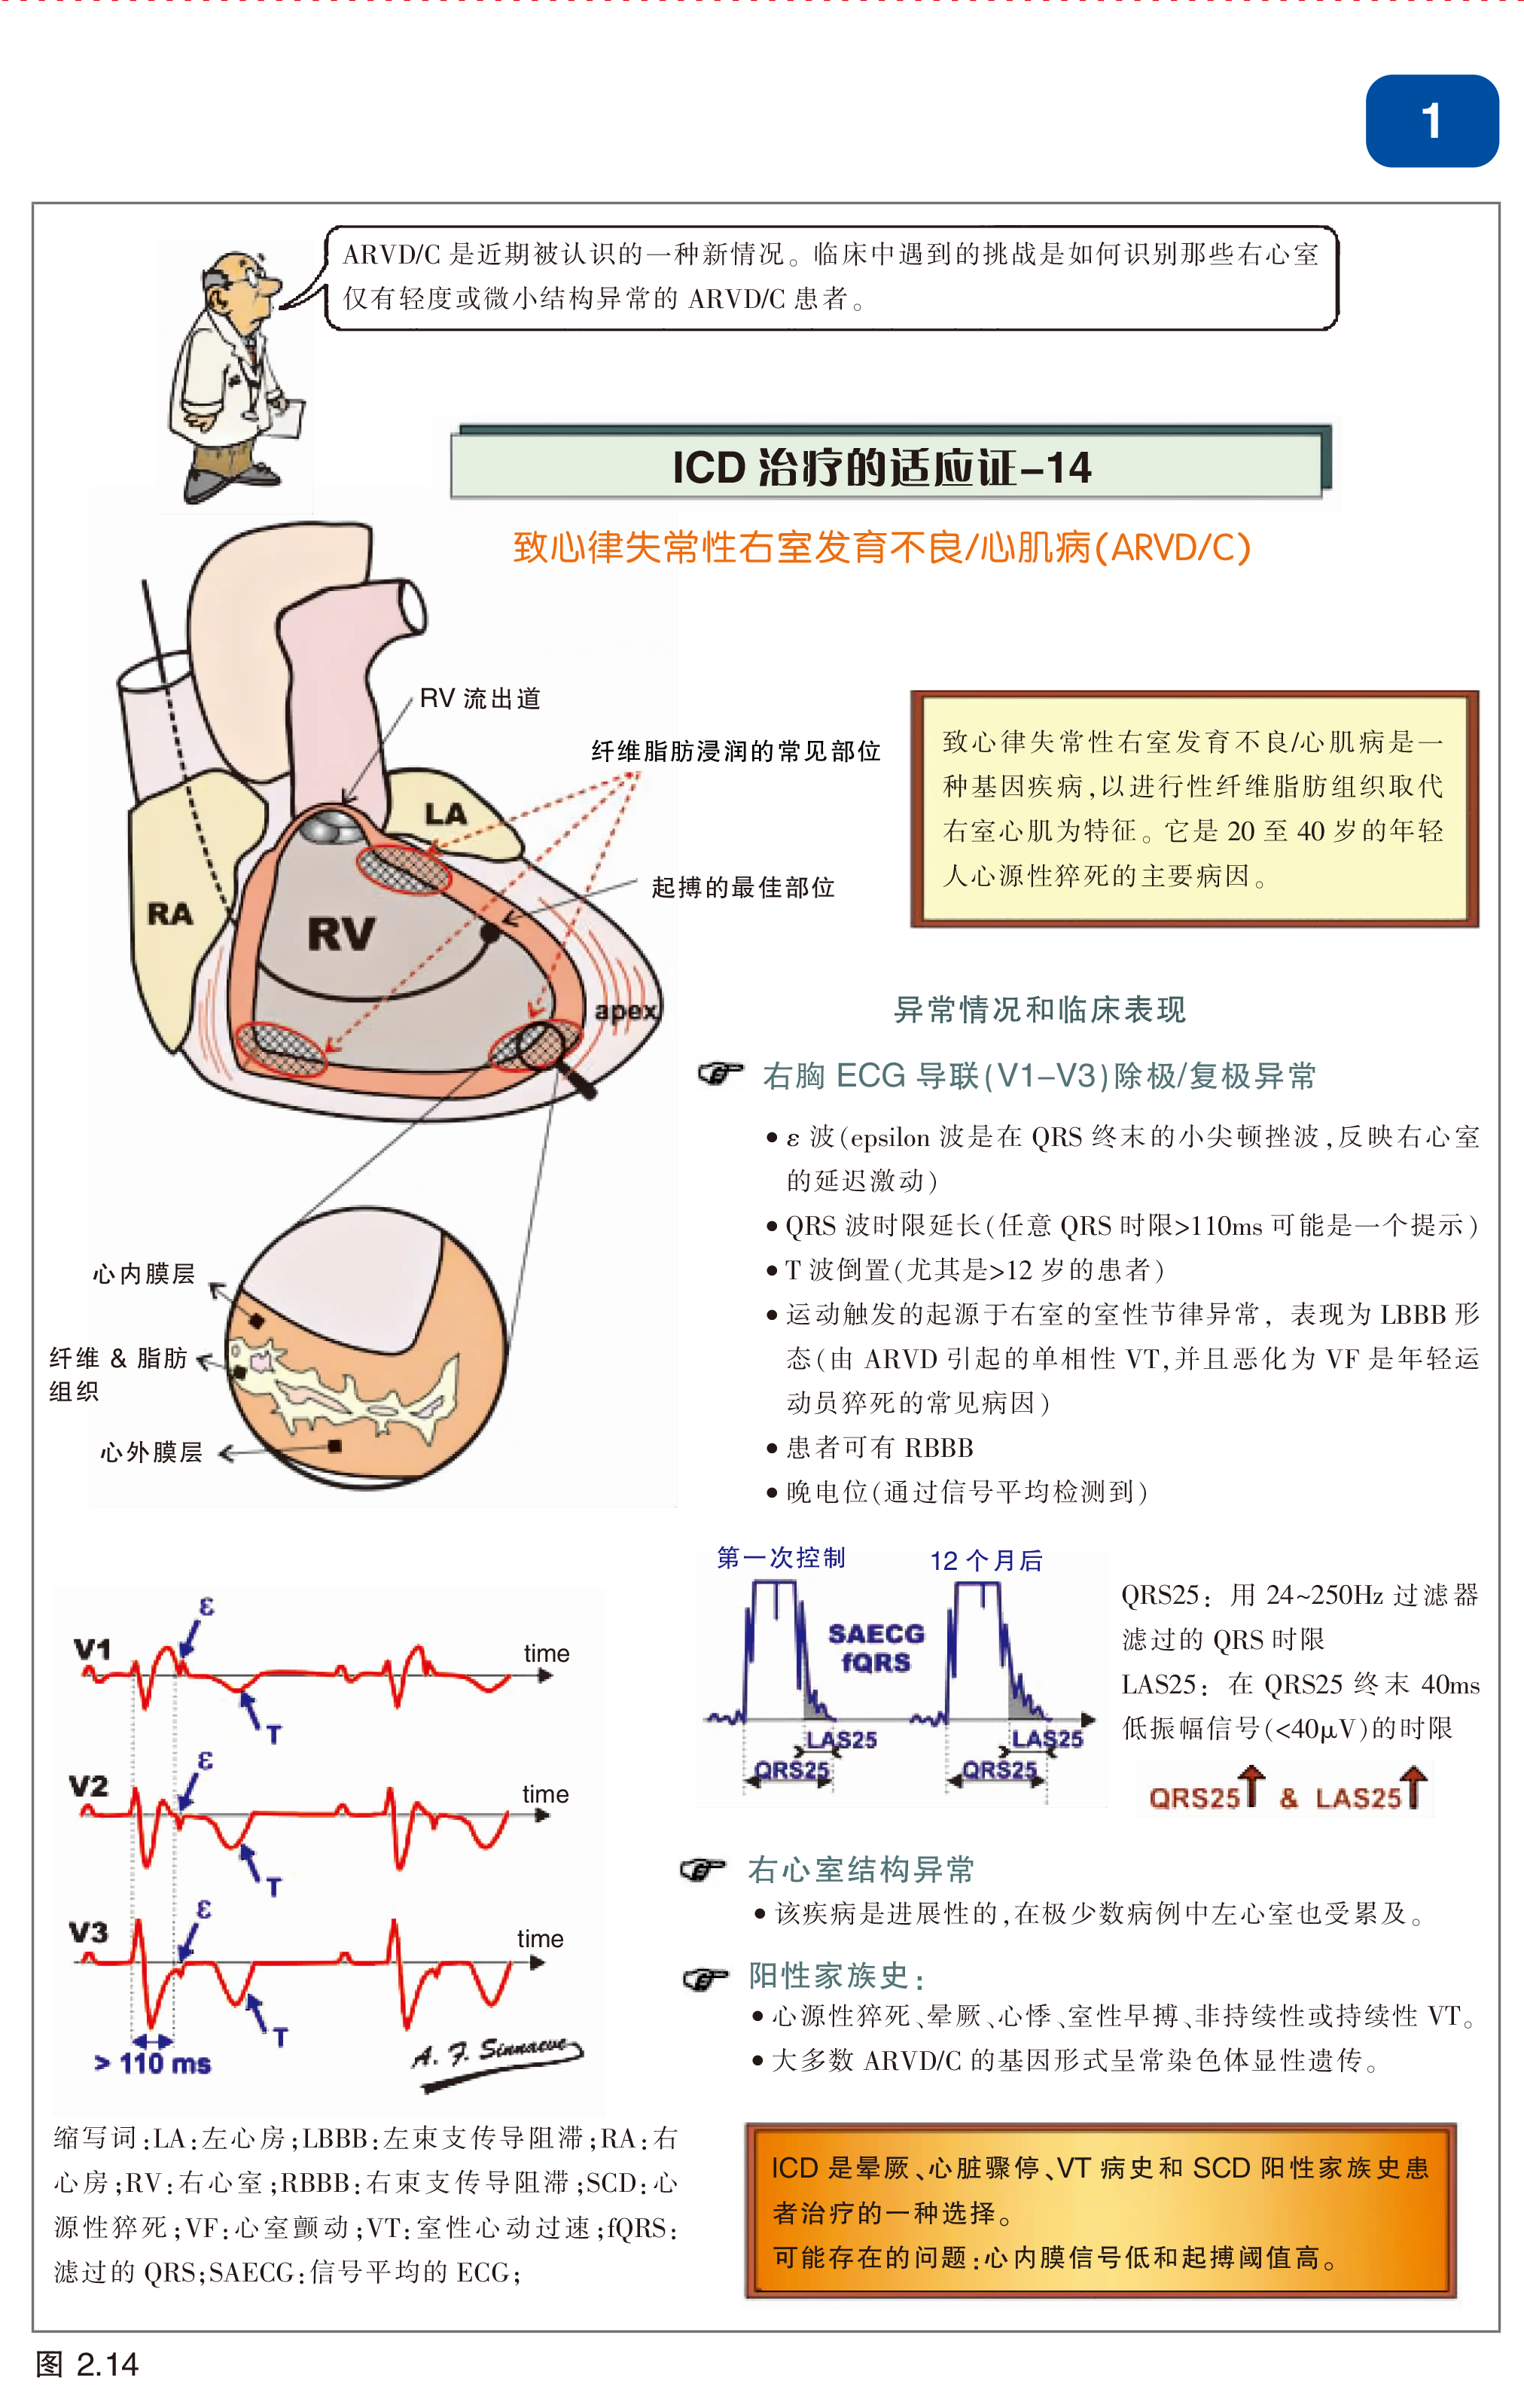 图解阶梯教程》中文版翻译由成都市心血管病研究所各位专家倾力完成.